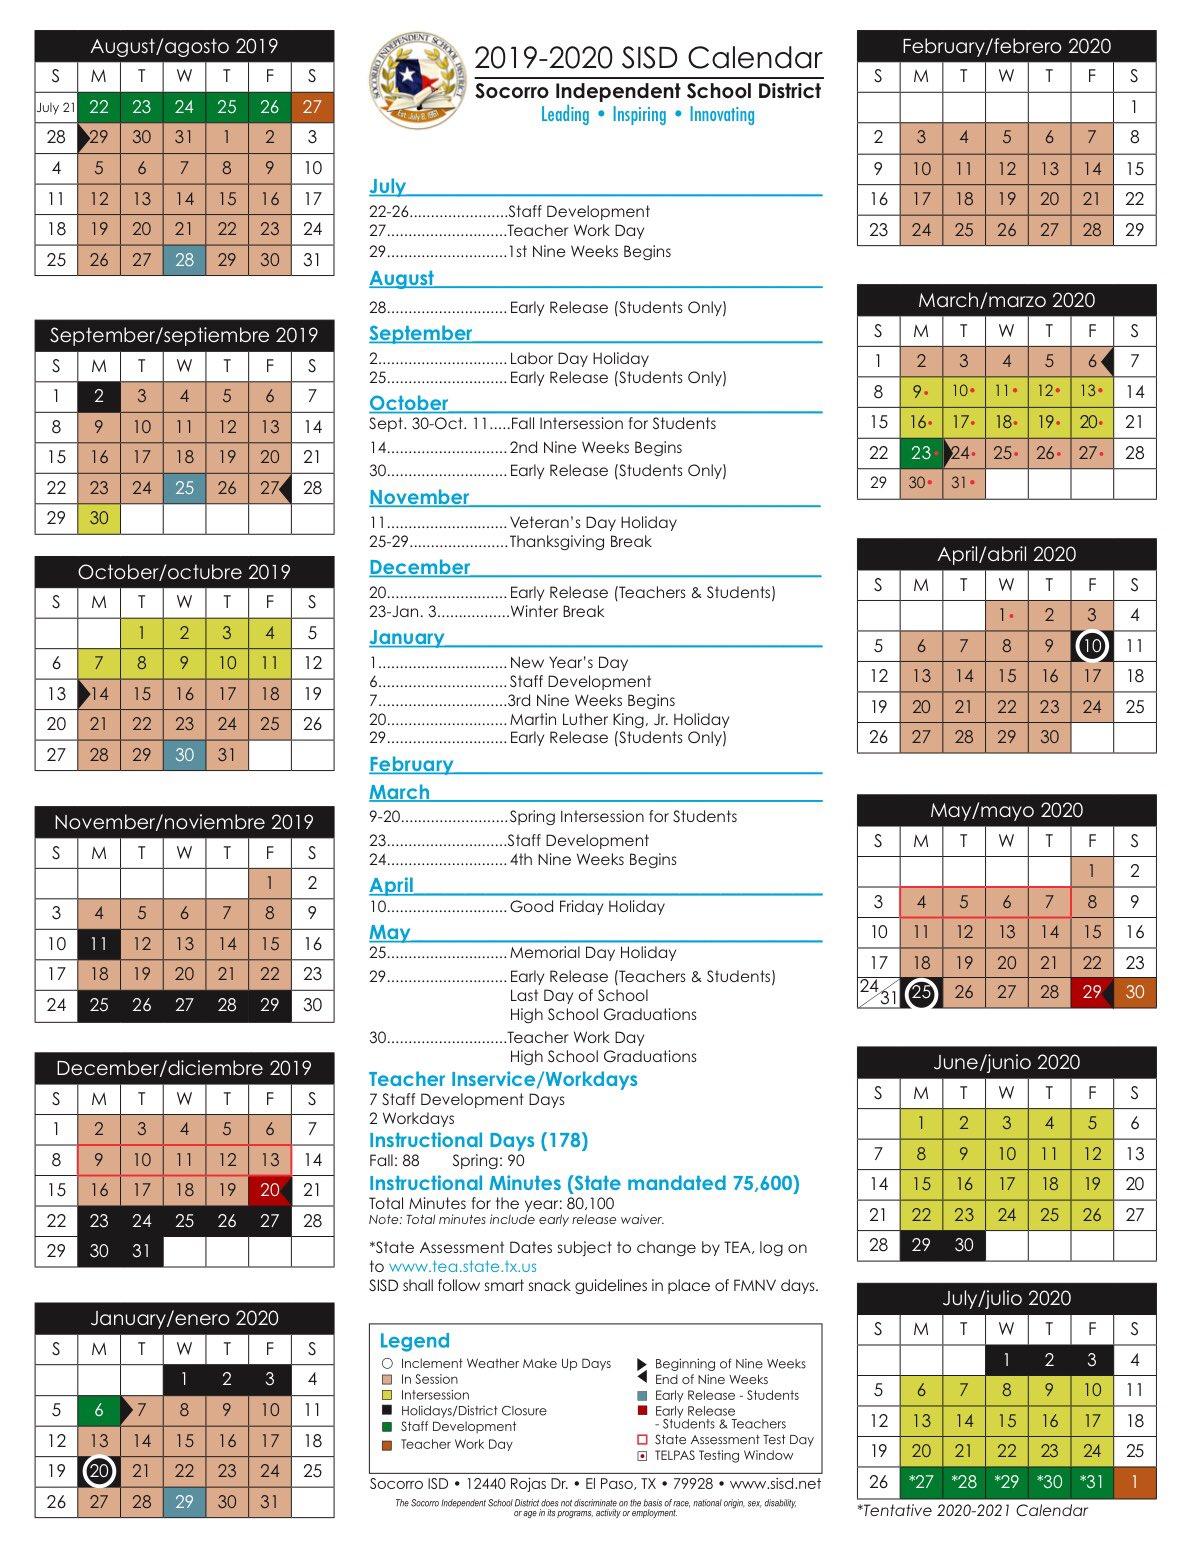 Sisd Calendar 2020 Socorro ISD on Twitter: